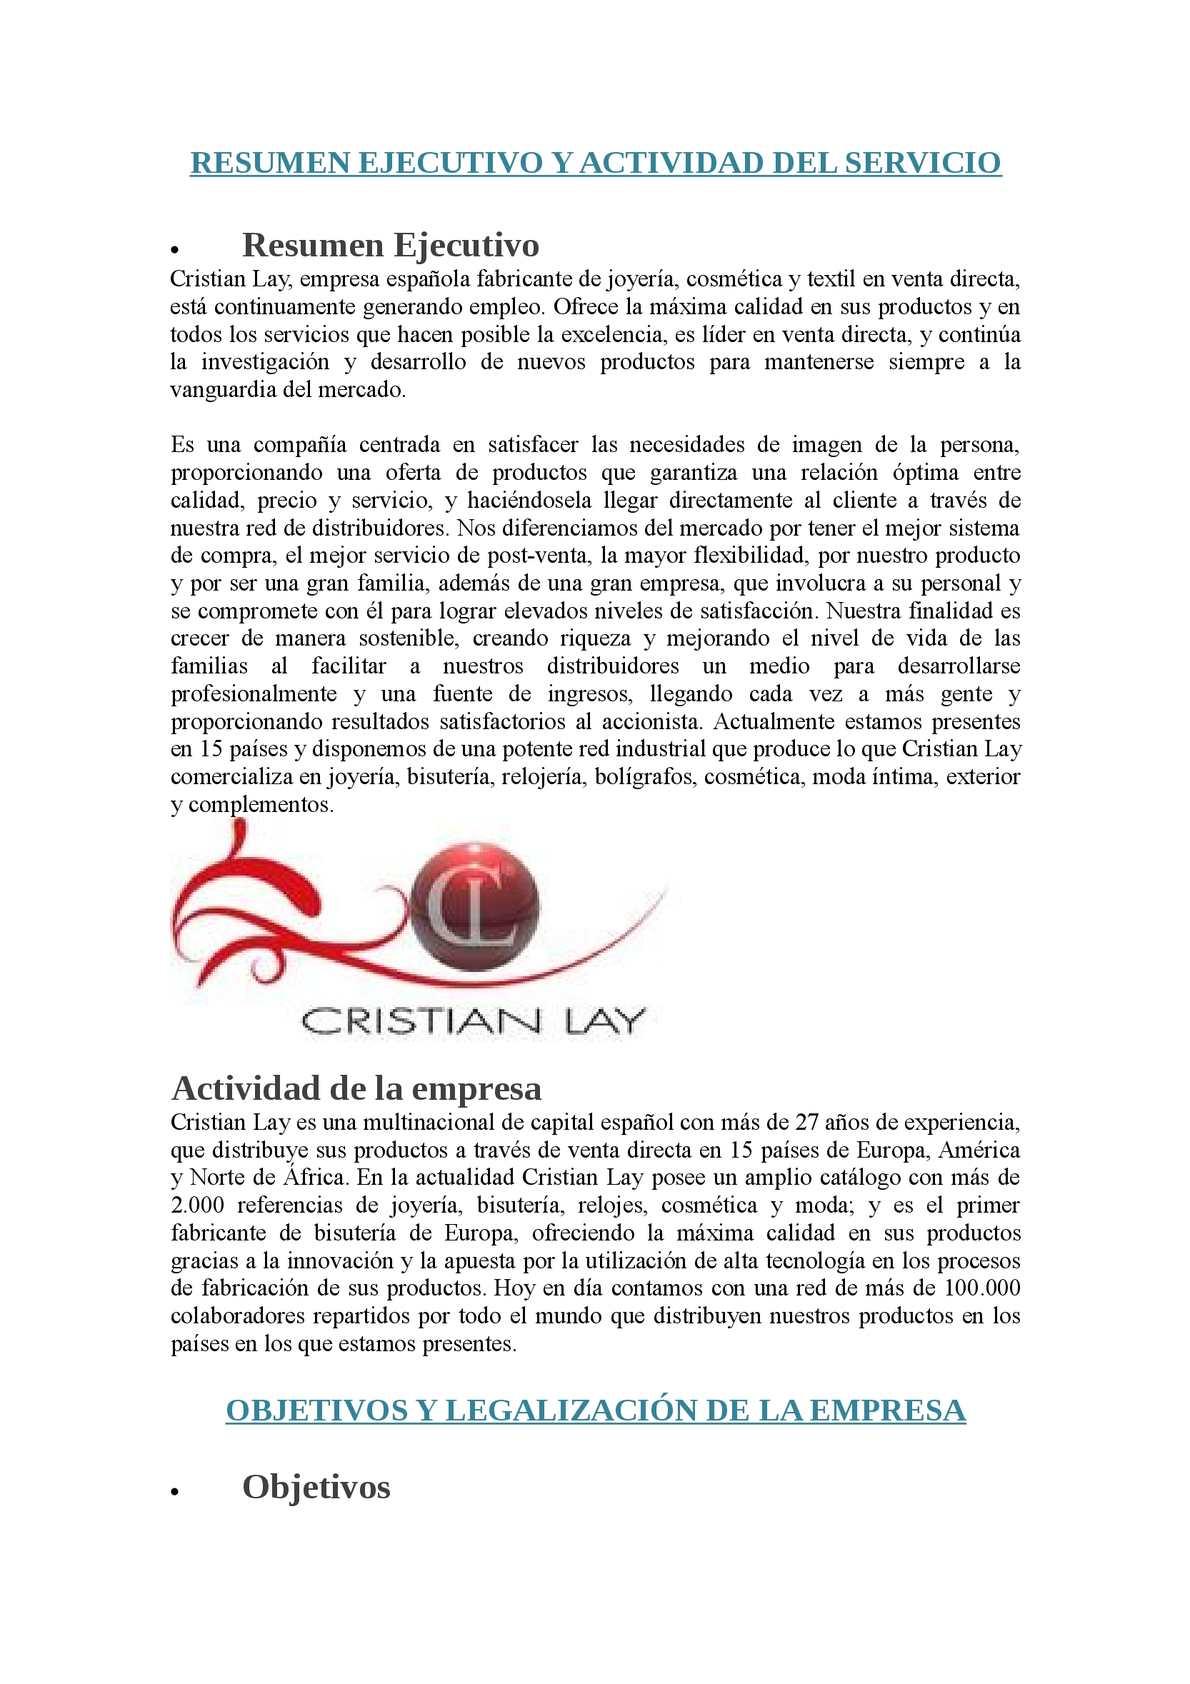 Cristian Lay S.A